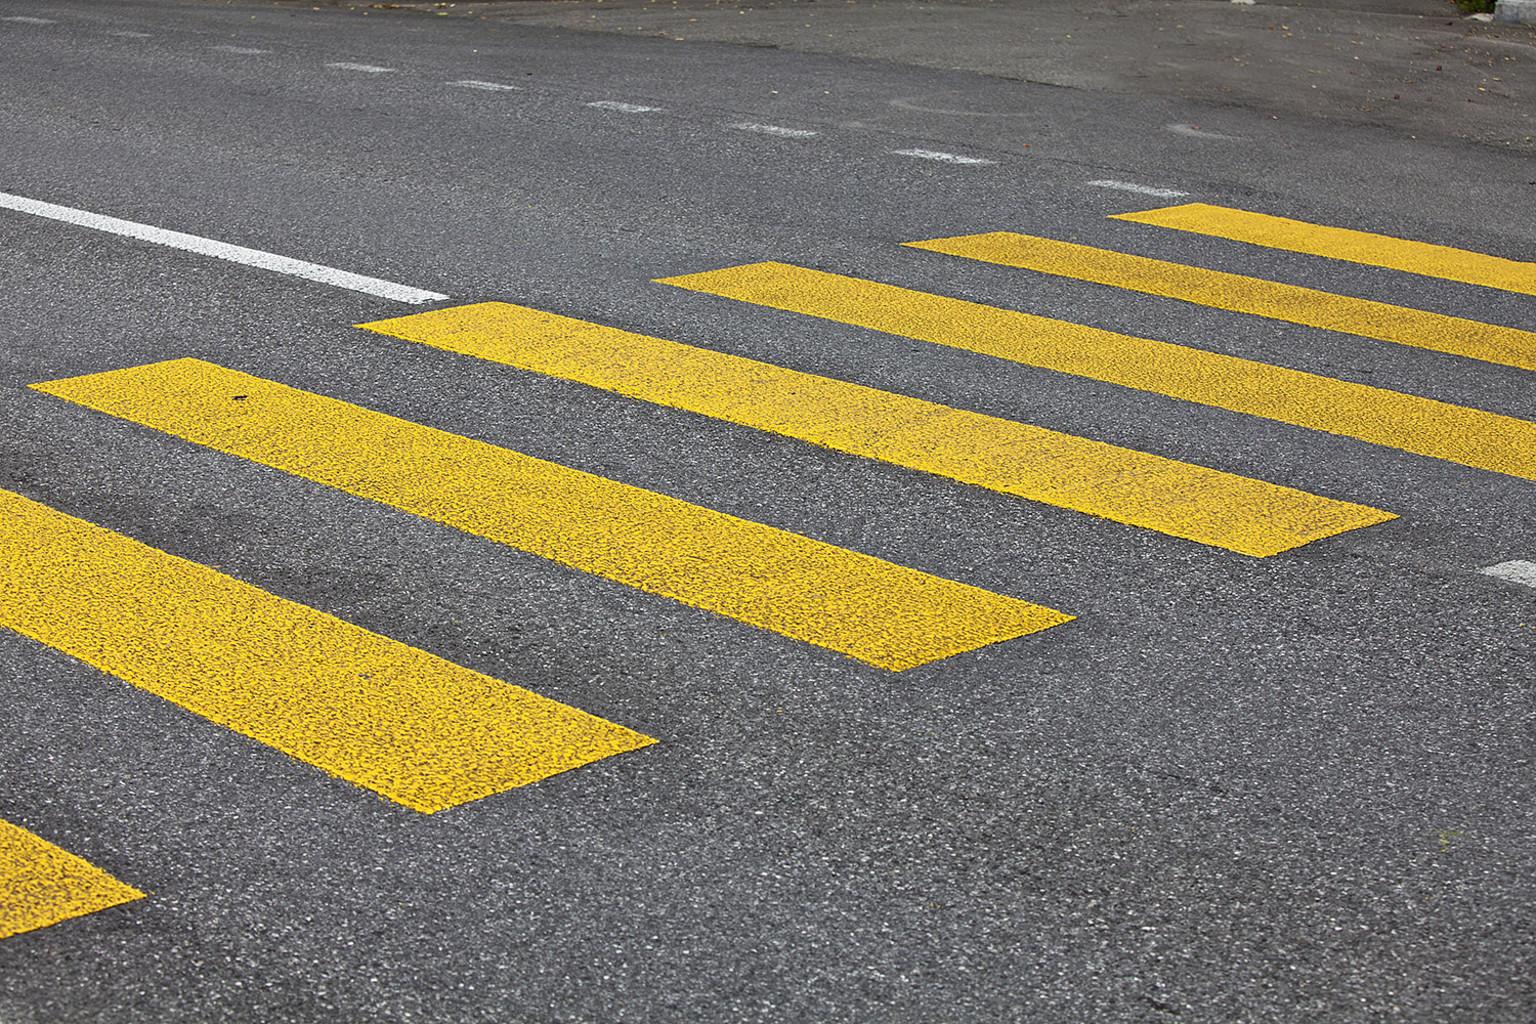 Борисовским пешеходам сегодня и ближайшие три дня рекомендуют быть прилежными